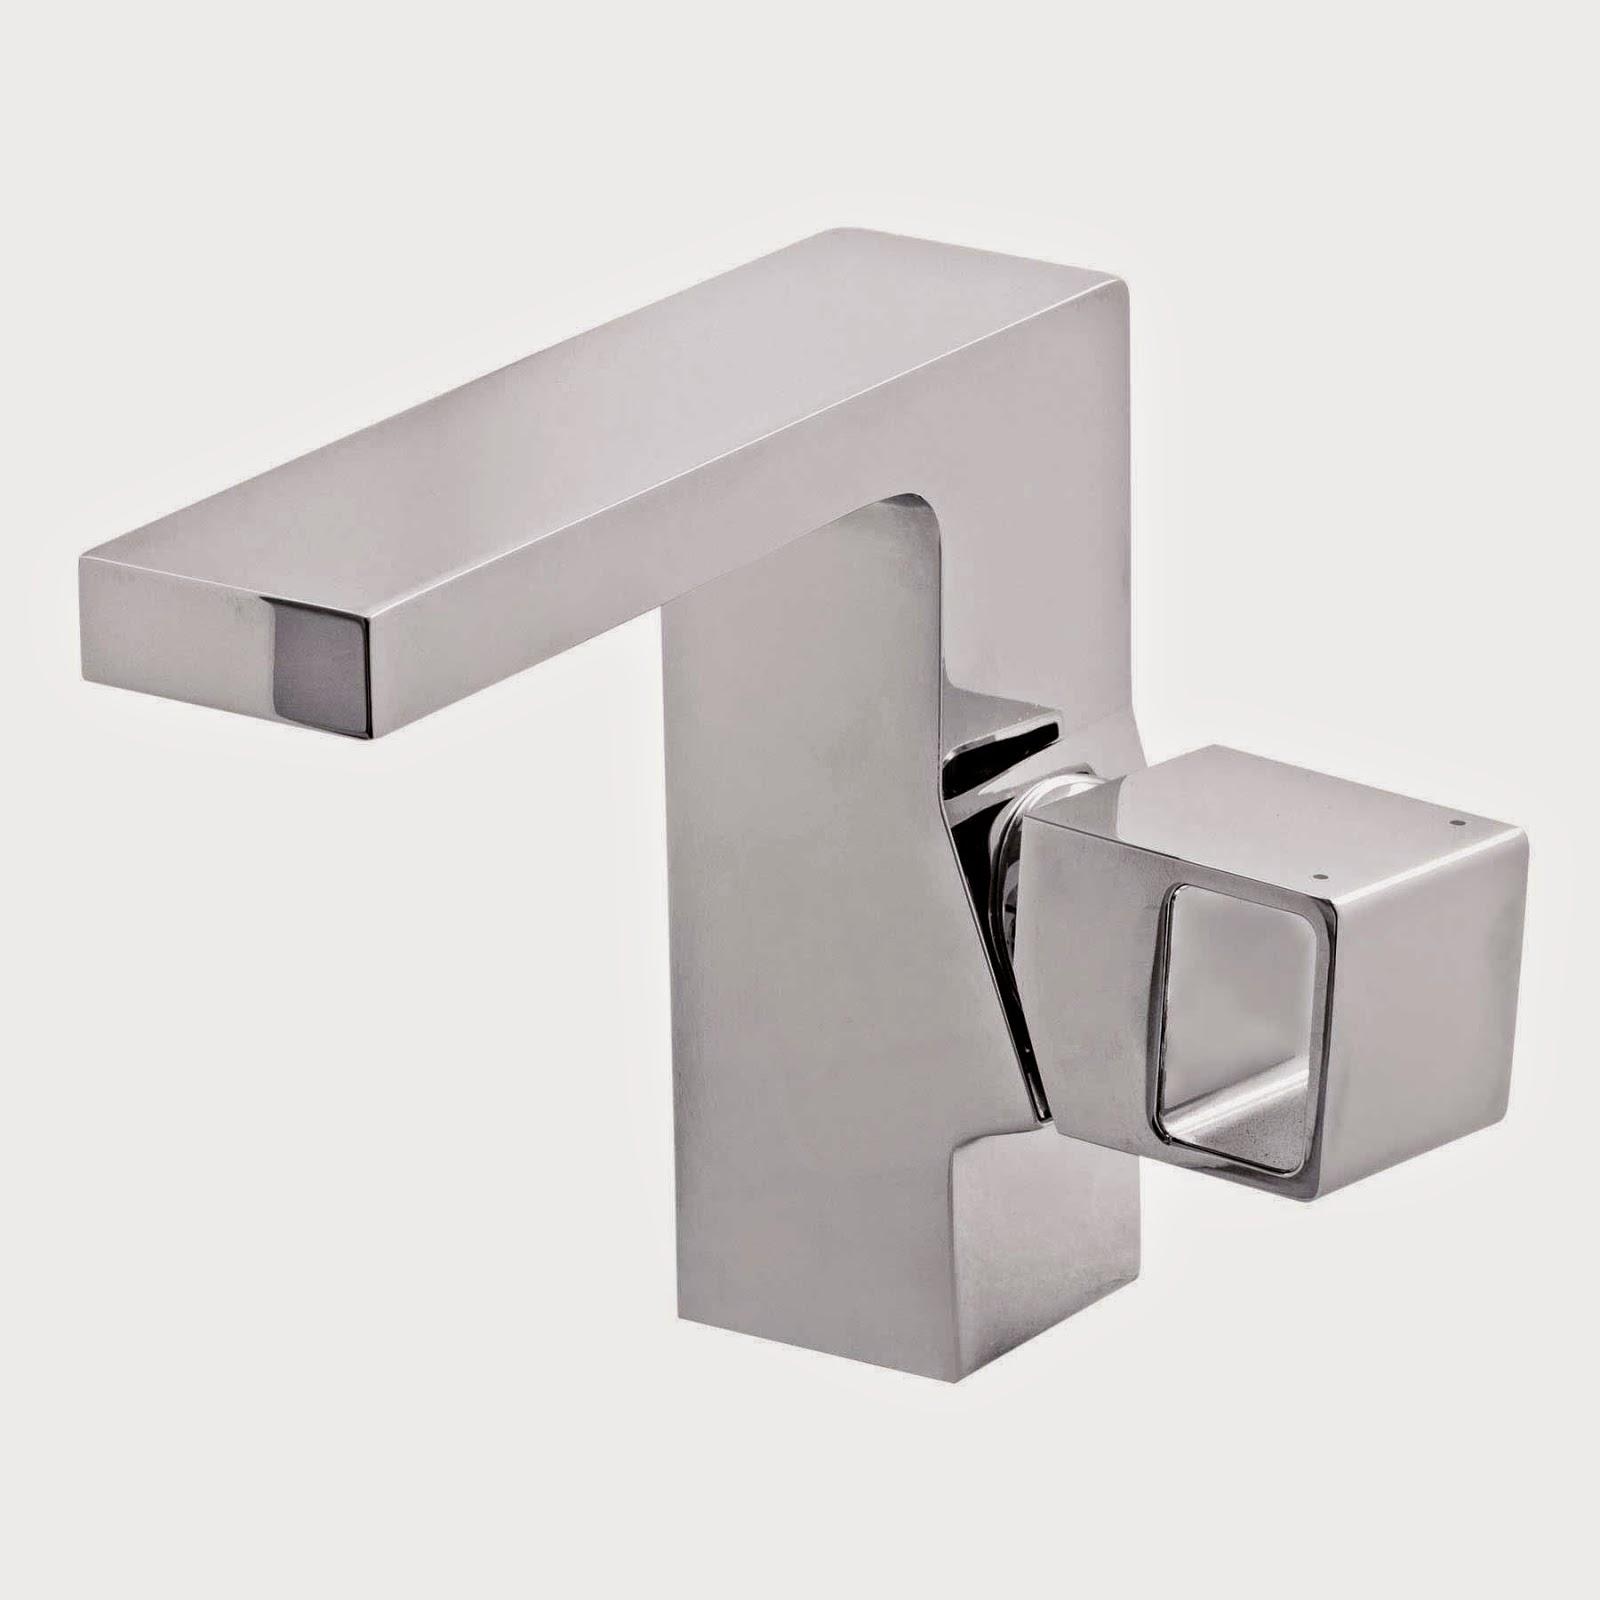 114: Comprinhas para os banheiros: Cuba Torneiras e Duchas PARTE 1 #6D665E 1600 1600